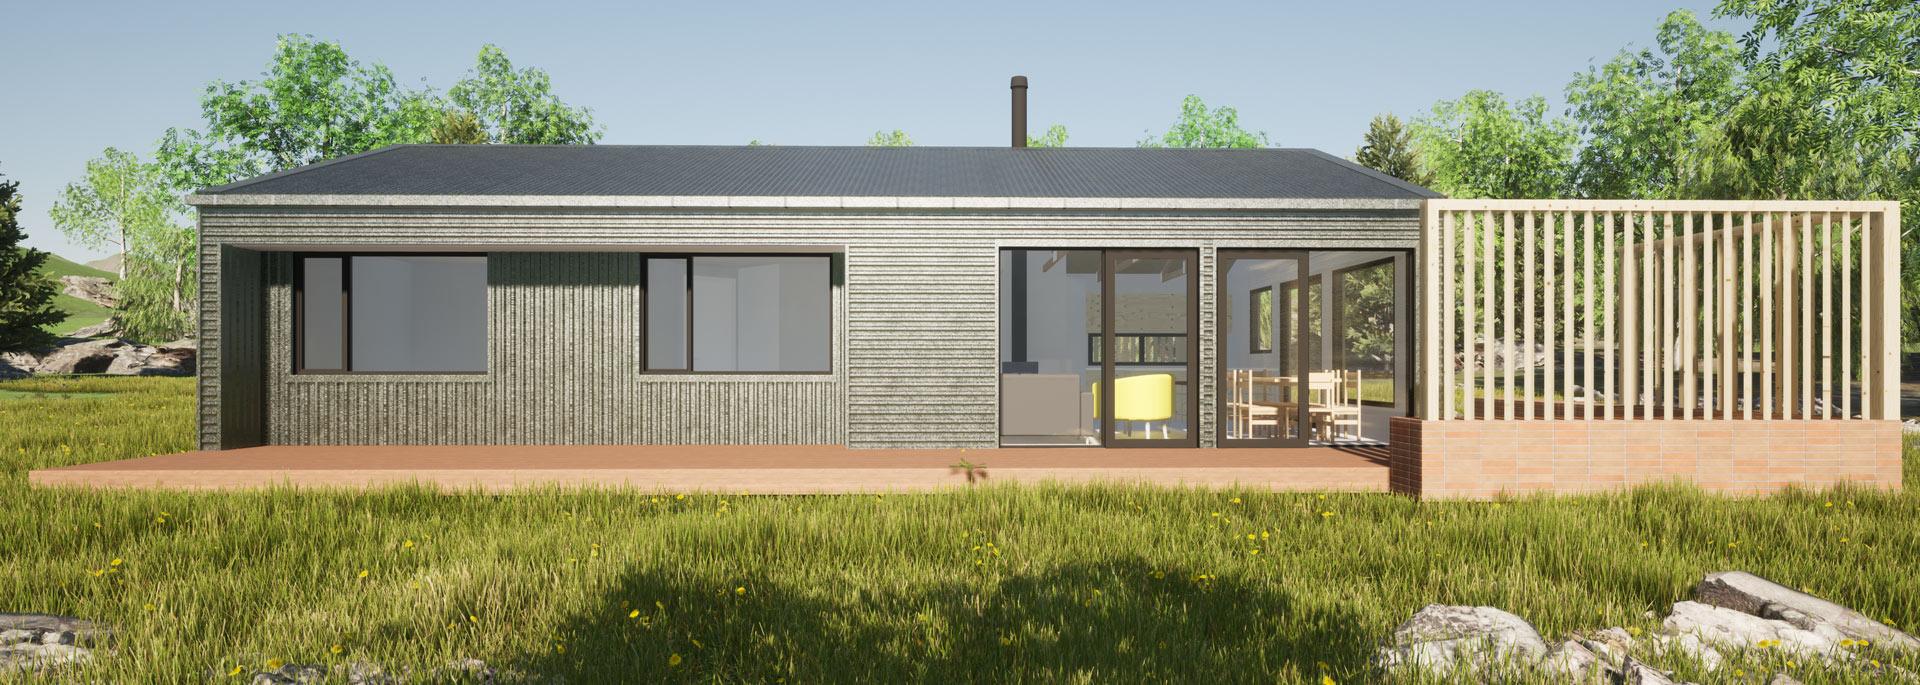 Ohau Village view 4 by Architecture Design Studio